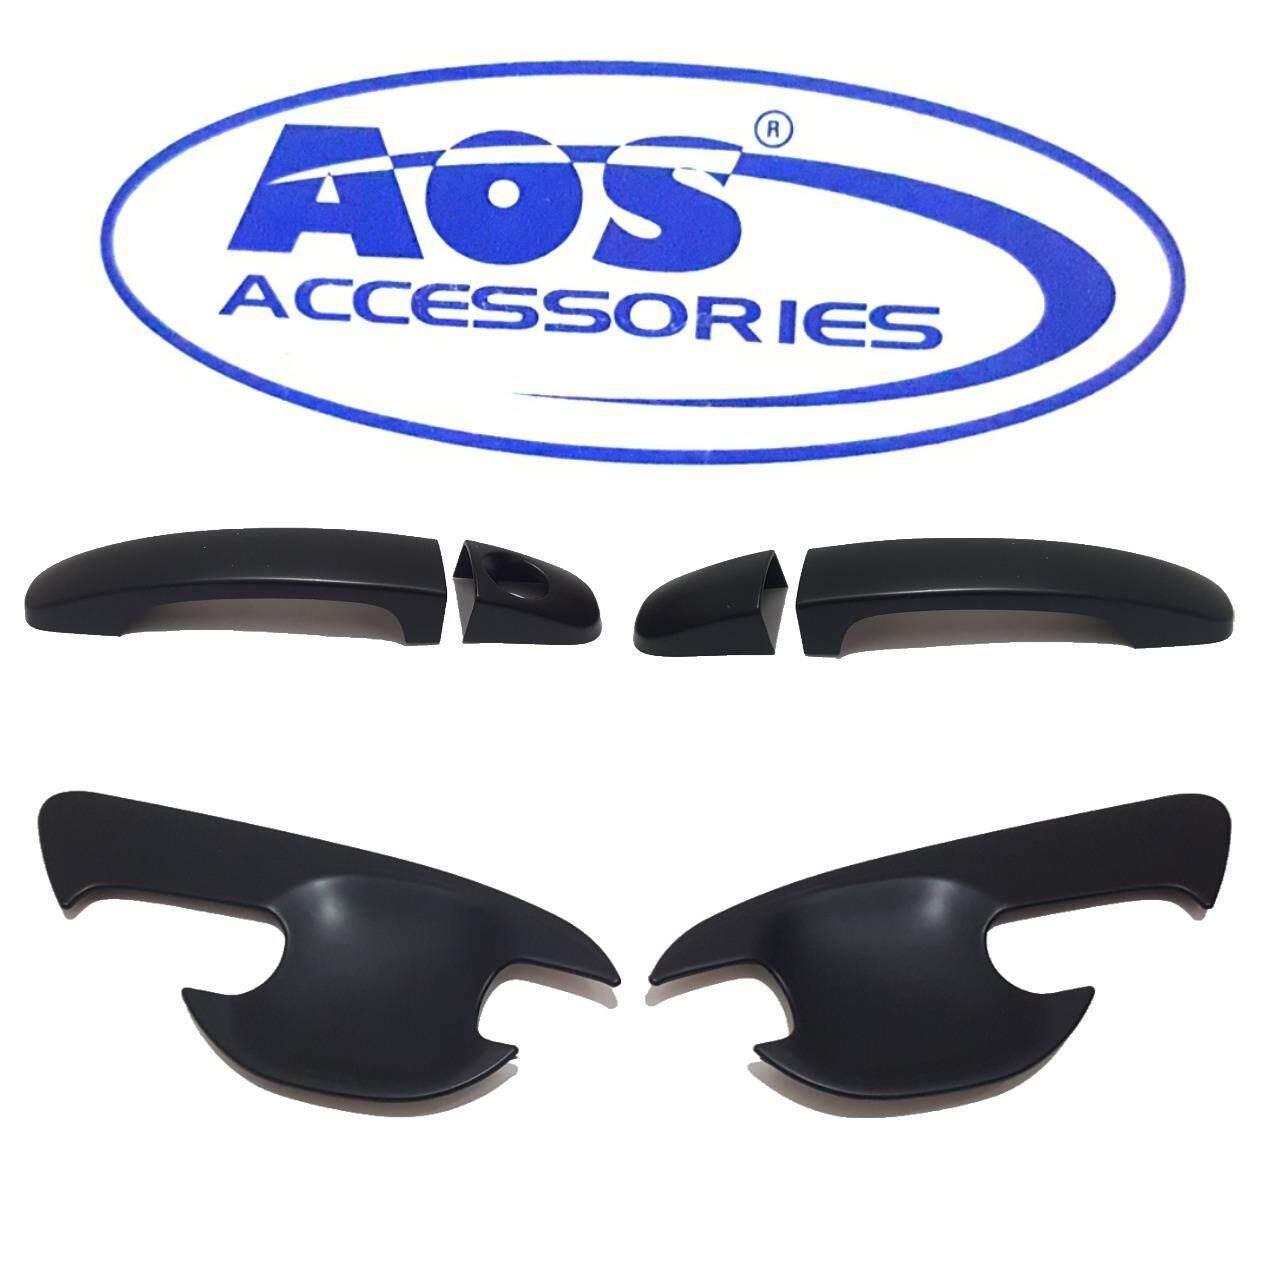 ซื้อ Aos เบ้ารองมือเปิด และ ครอบมือเปิดประตู Ford Ranger 2012 Mazda Bt50 Pro Aos ถูก